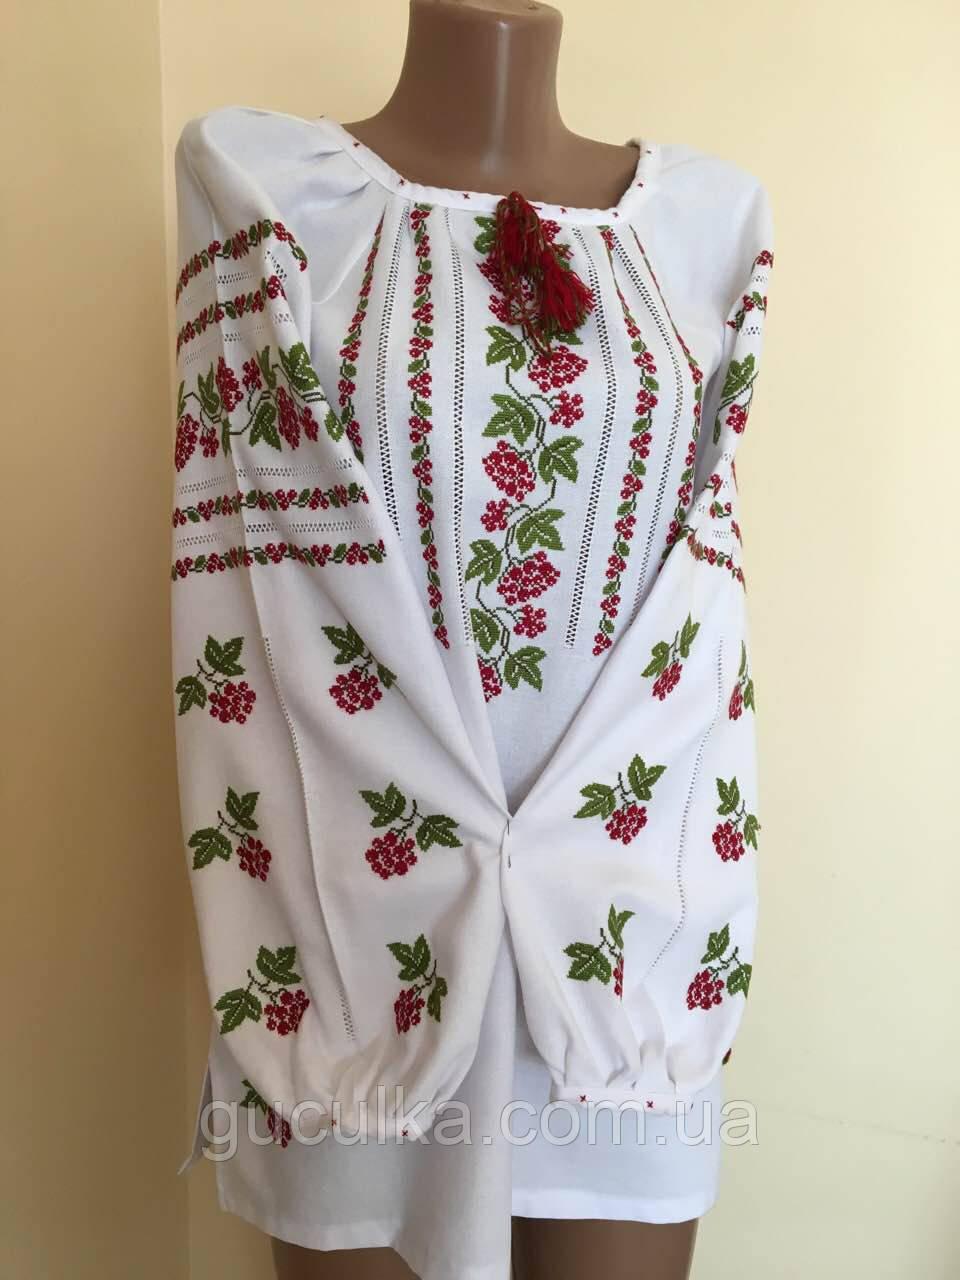 Вишита сорочка жіноча Червона Калина ручної роботи розмір 48-50 (2ХL) -  Інтернет 4207543177e47